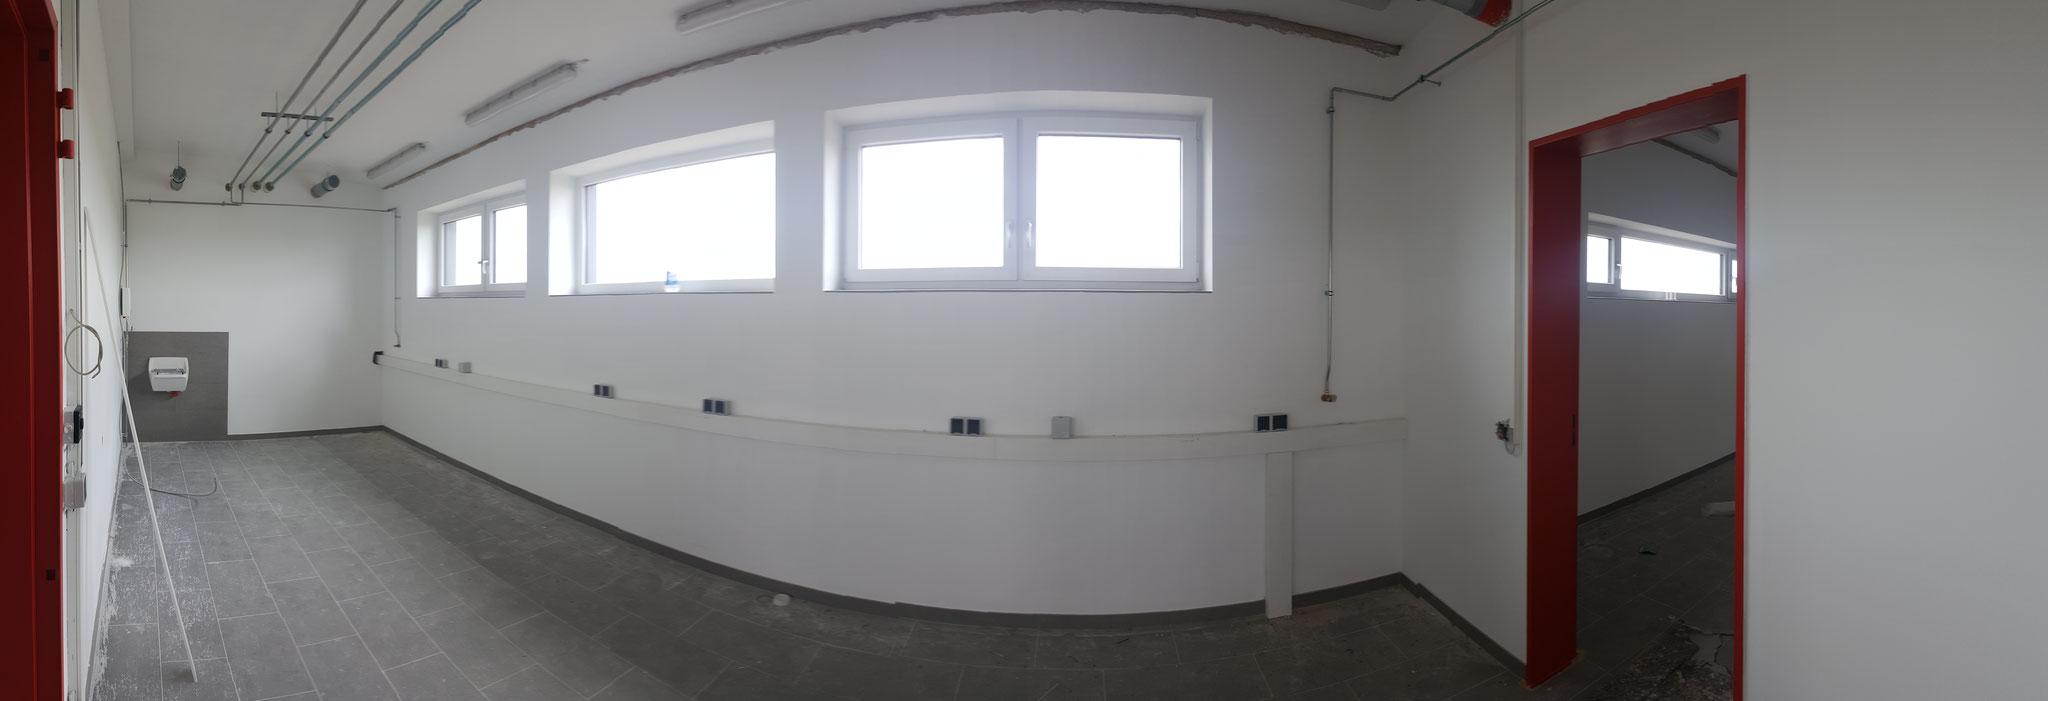 Lagerraum (Panoramabild)